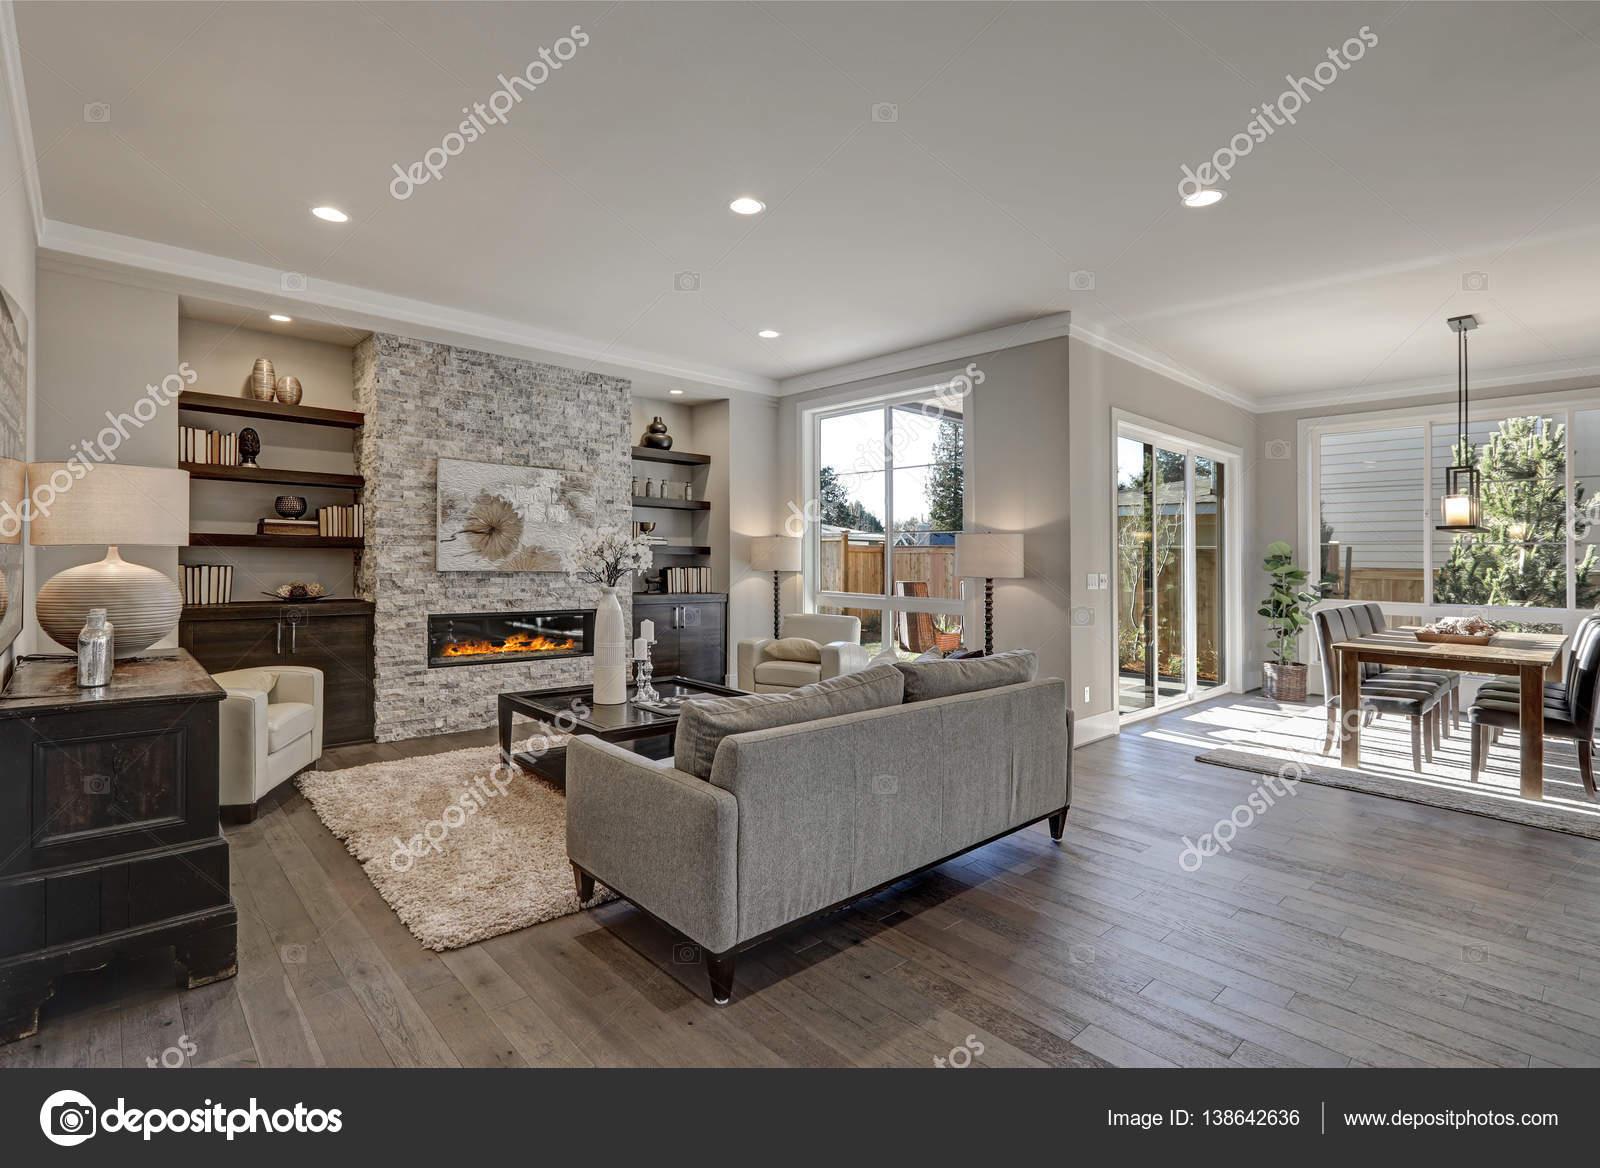 Chique woonkamer interieur in grijze kleuren stockfoto iriana88w 138642636 - Chique en gezellige interieur ...